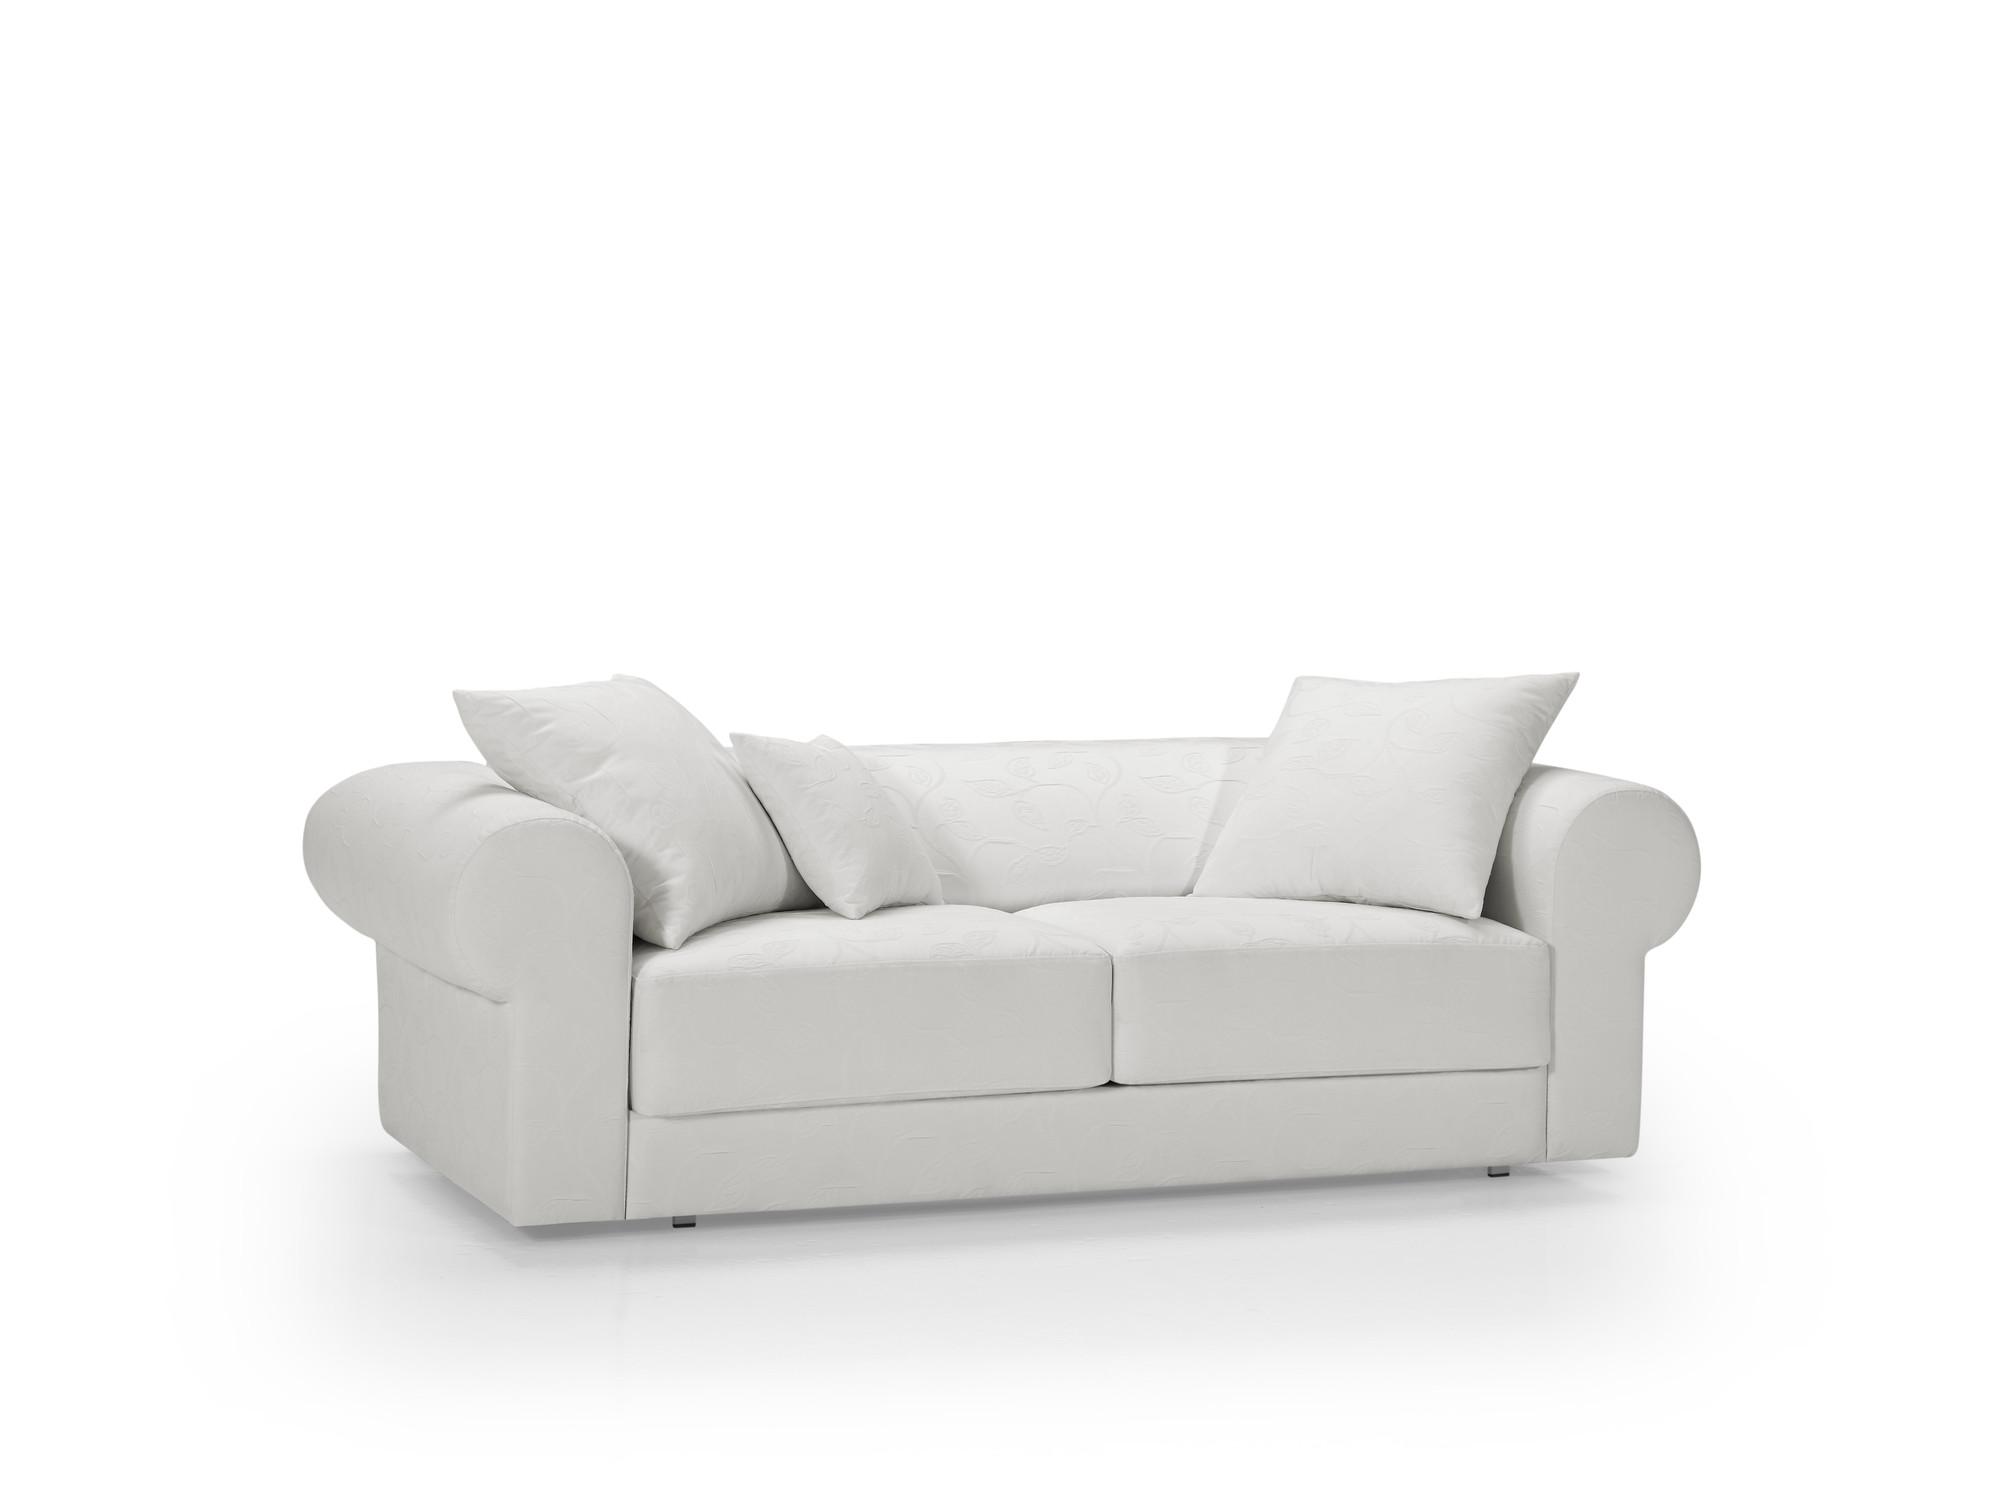 Bout de canapé scandinave pas cher